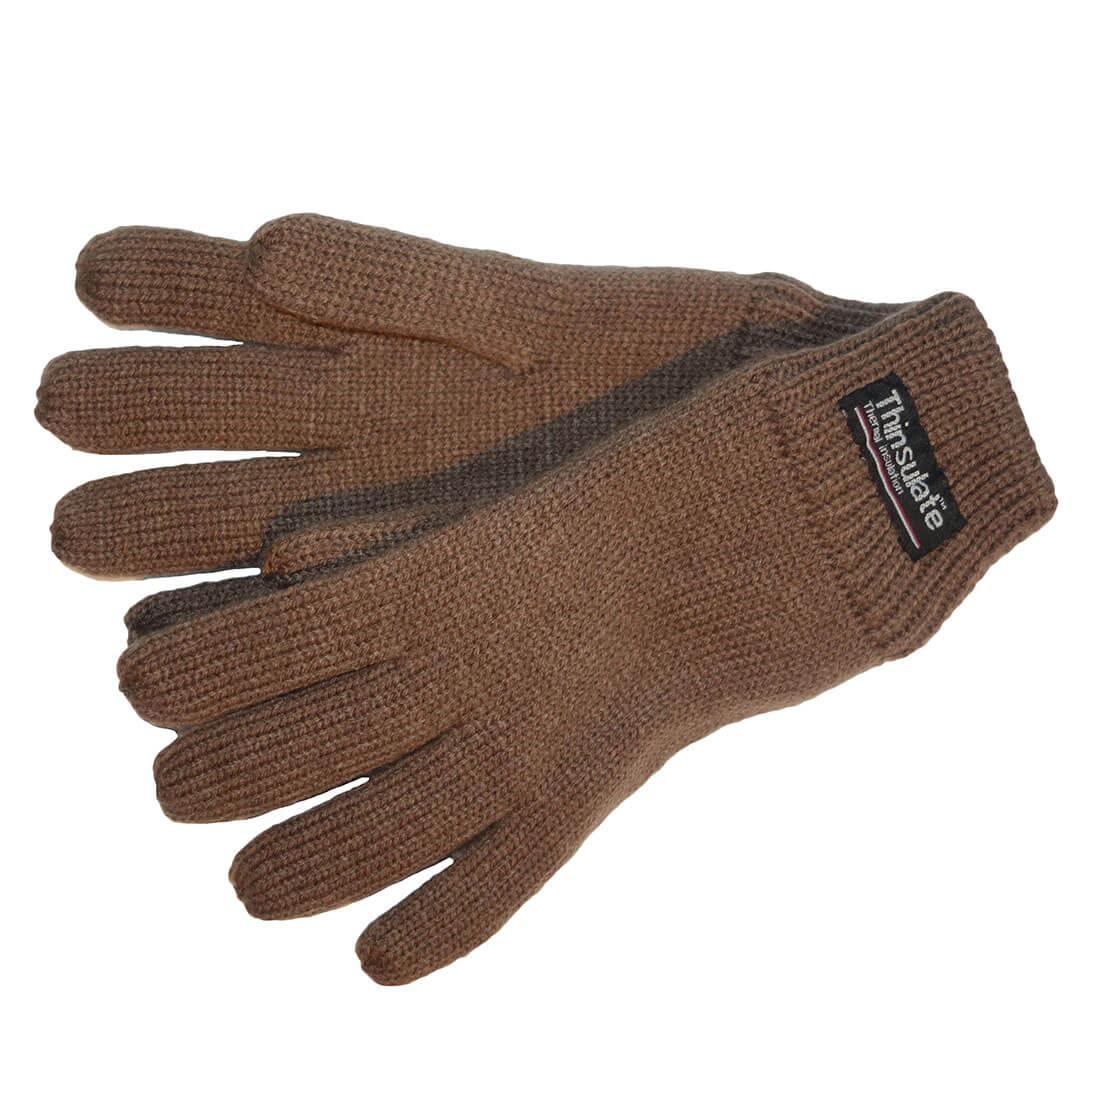 Thinsulate Handschoenen Bruin S/M-0